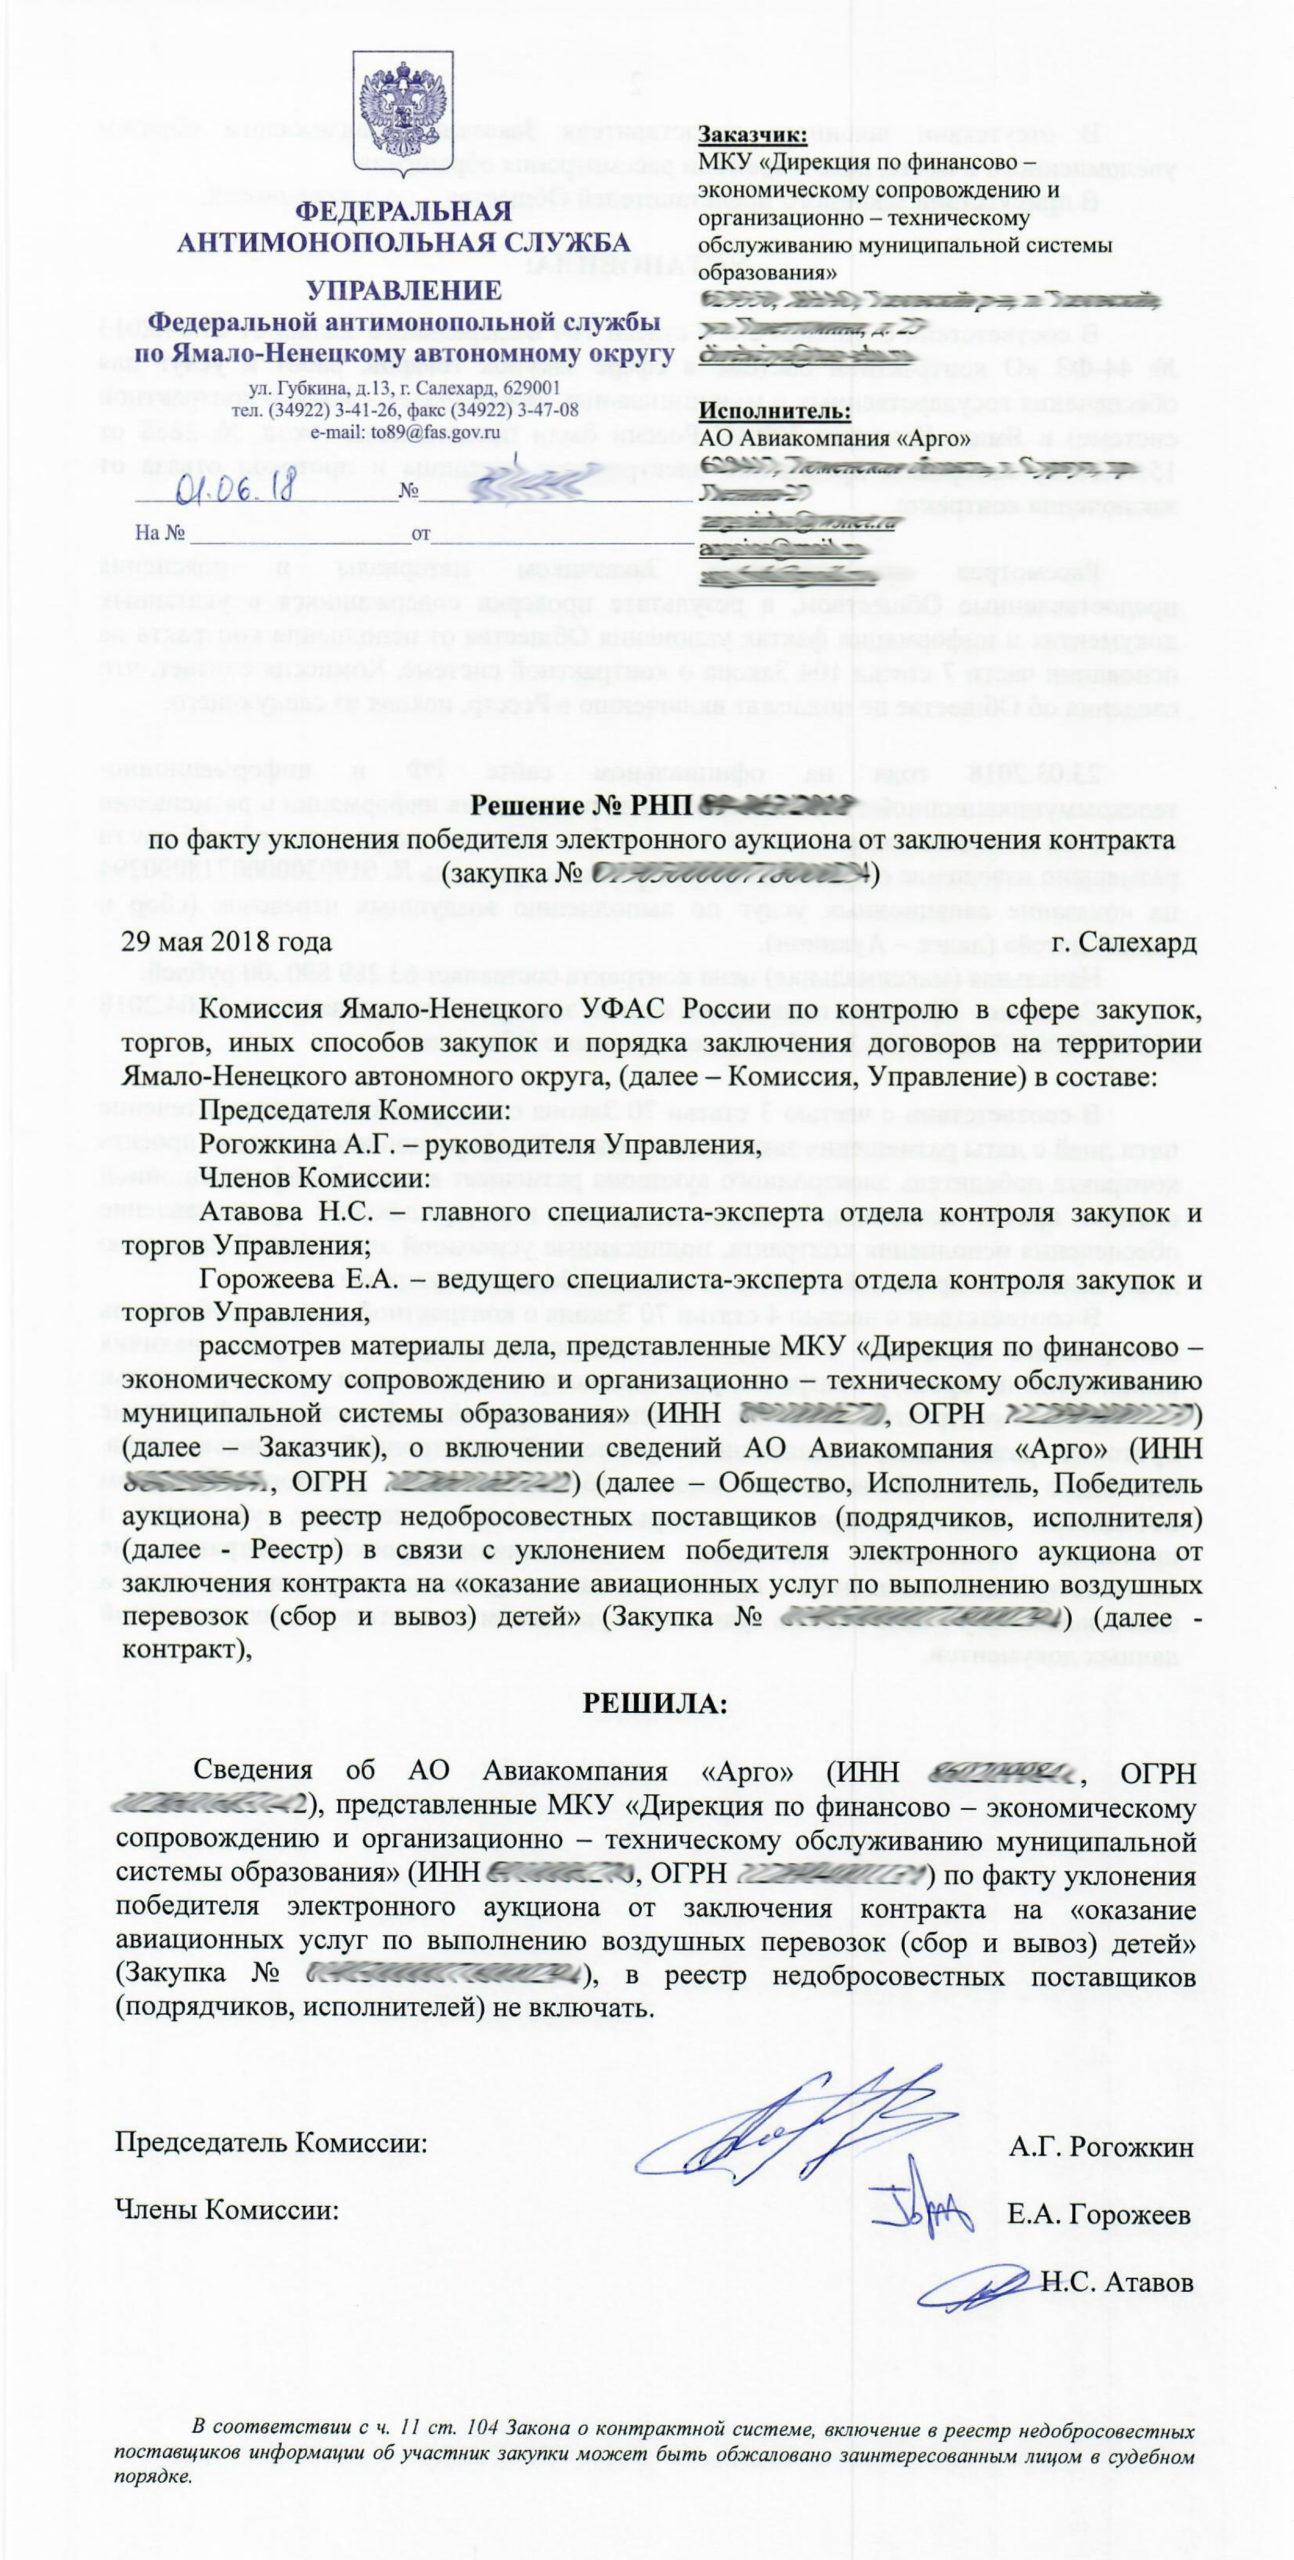 УФАС по Ямало-Ненецкому автономному округу Арго решение